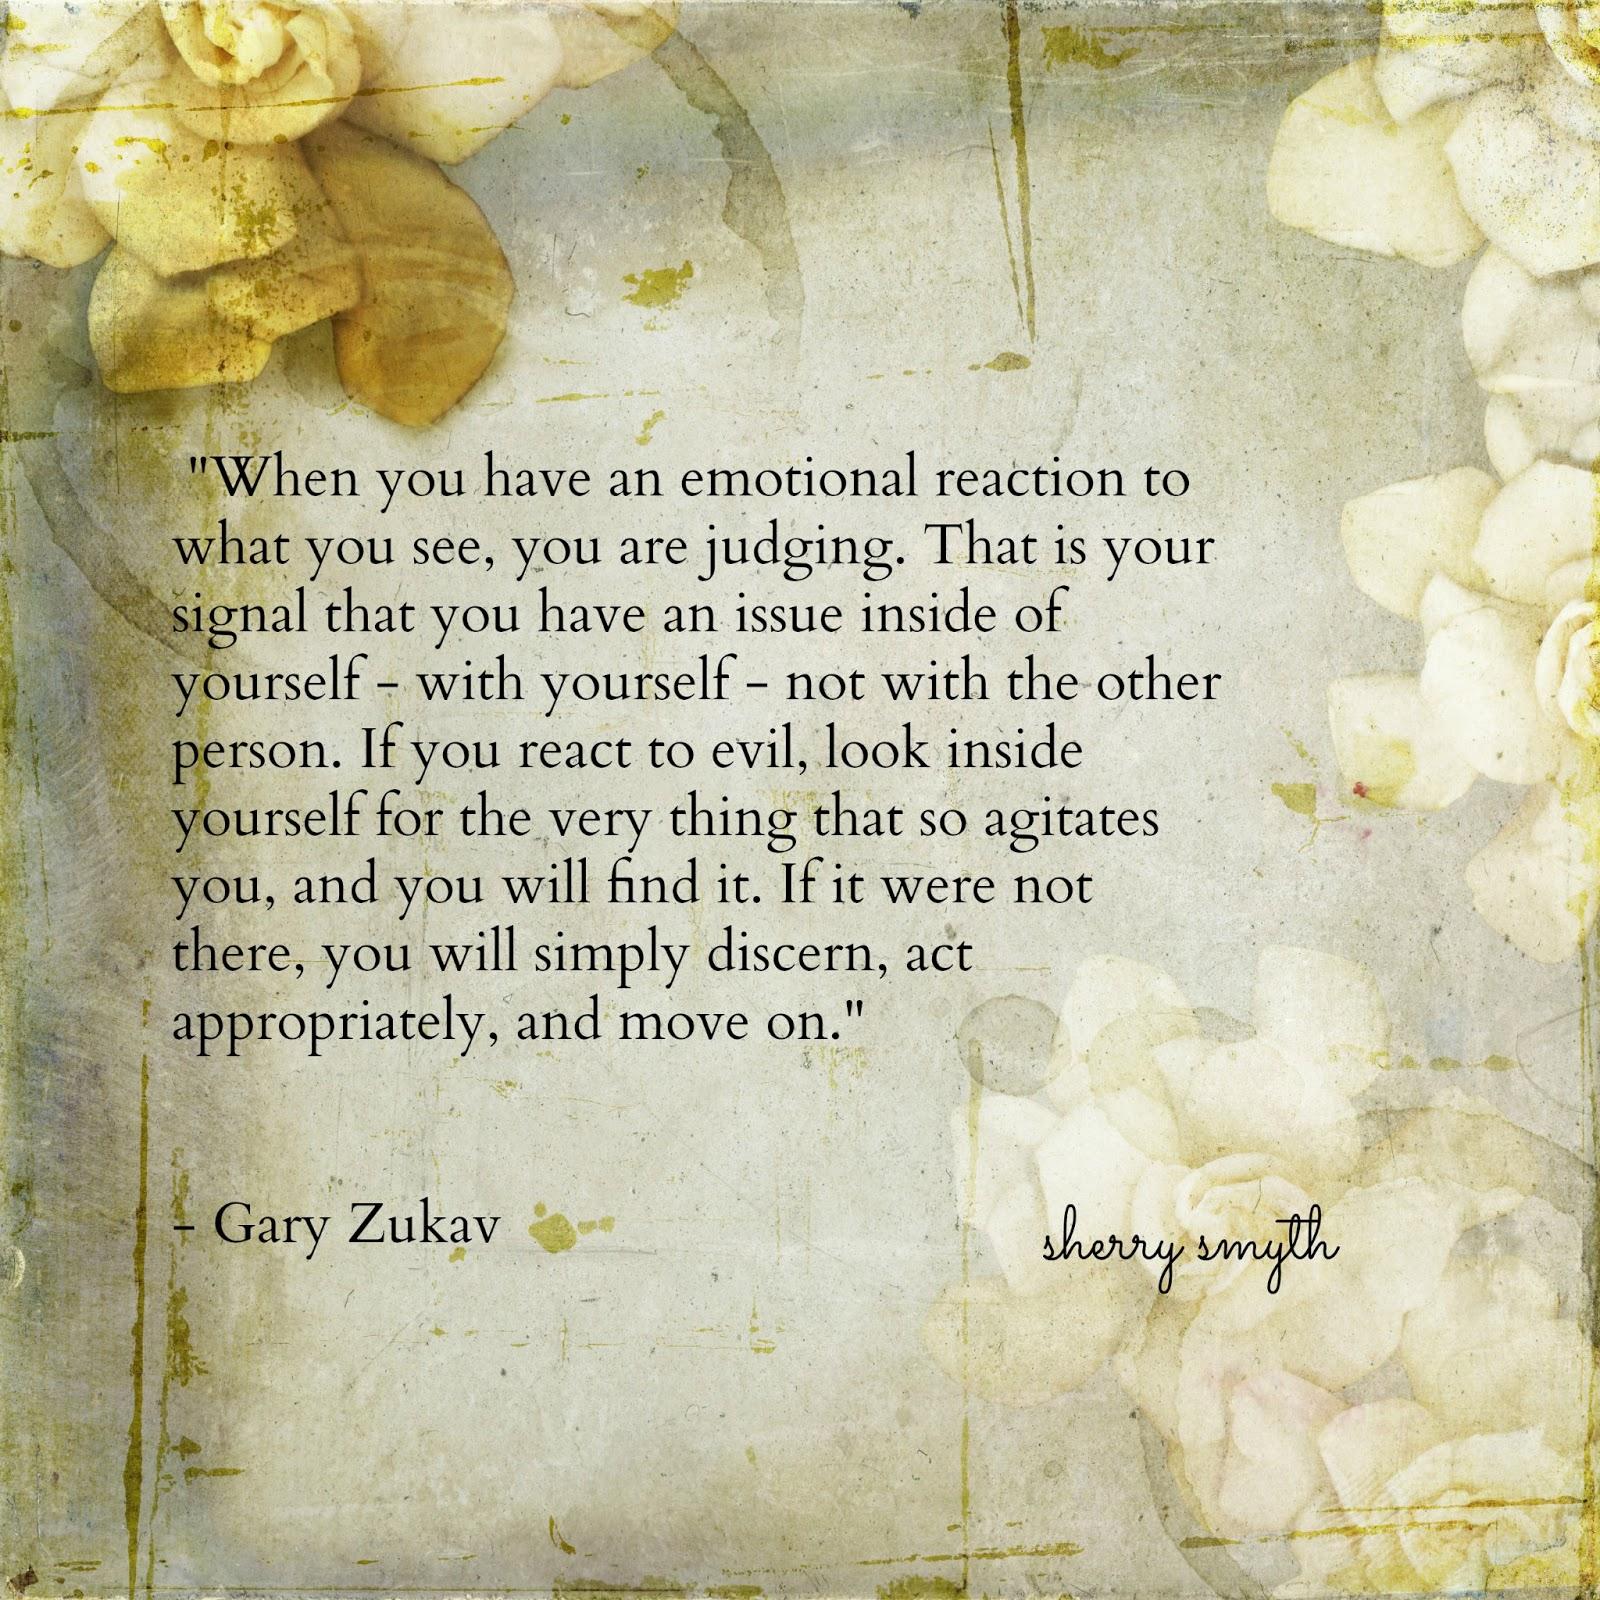 Gary Zukav's quote #4